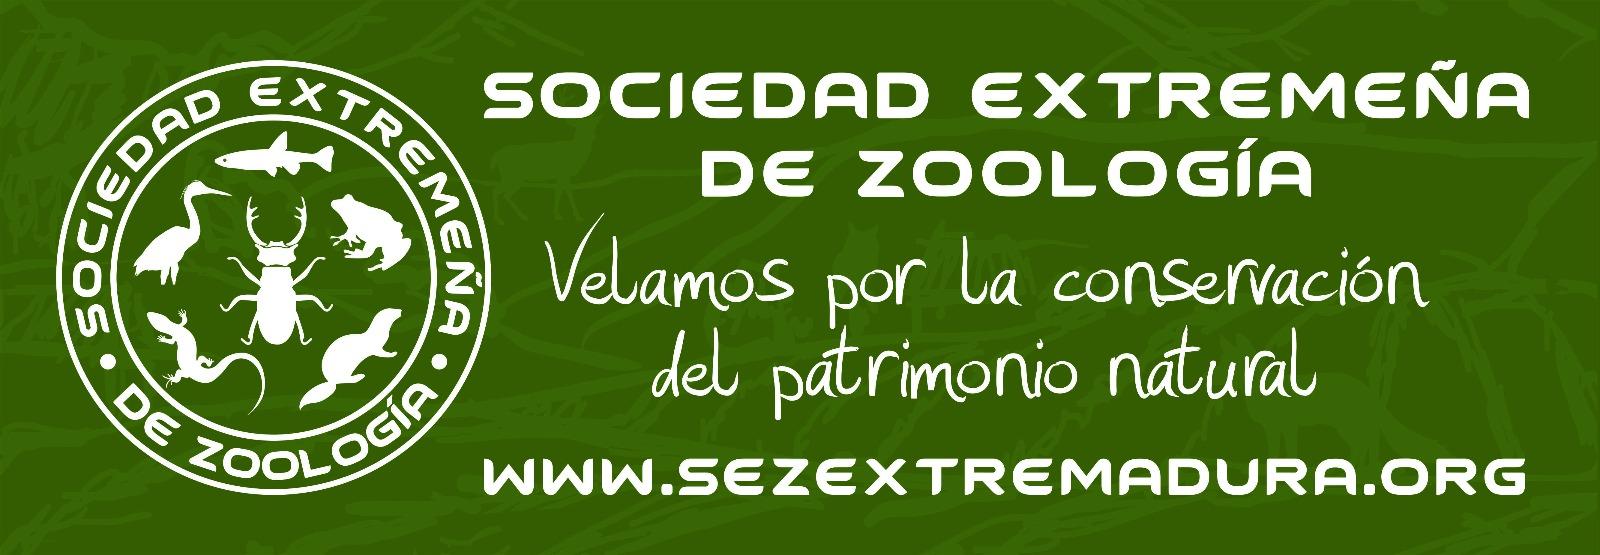 Sociedad Extremeña de Zoología (SEZ)